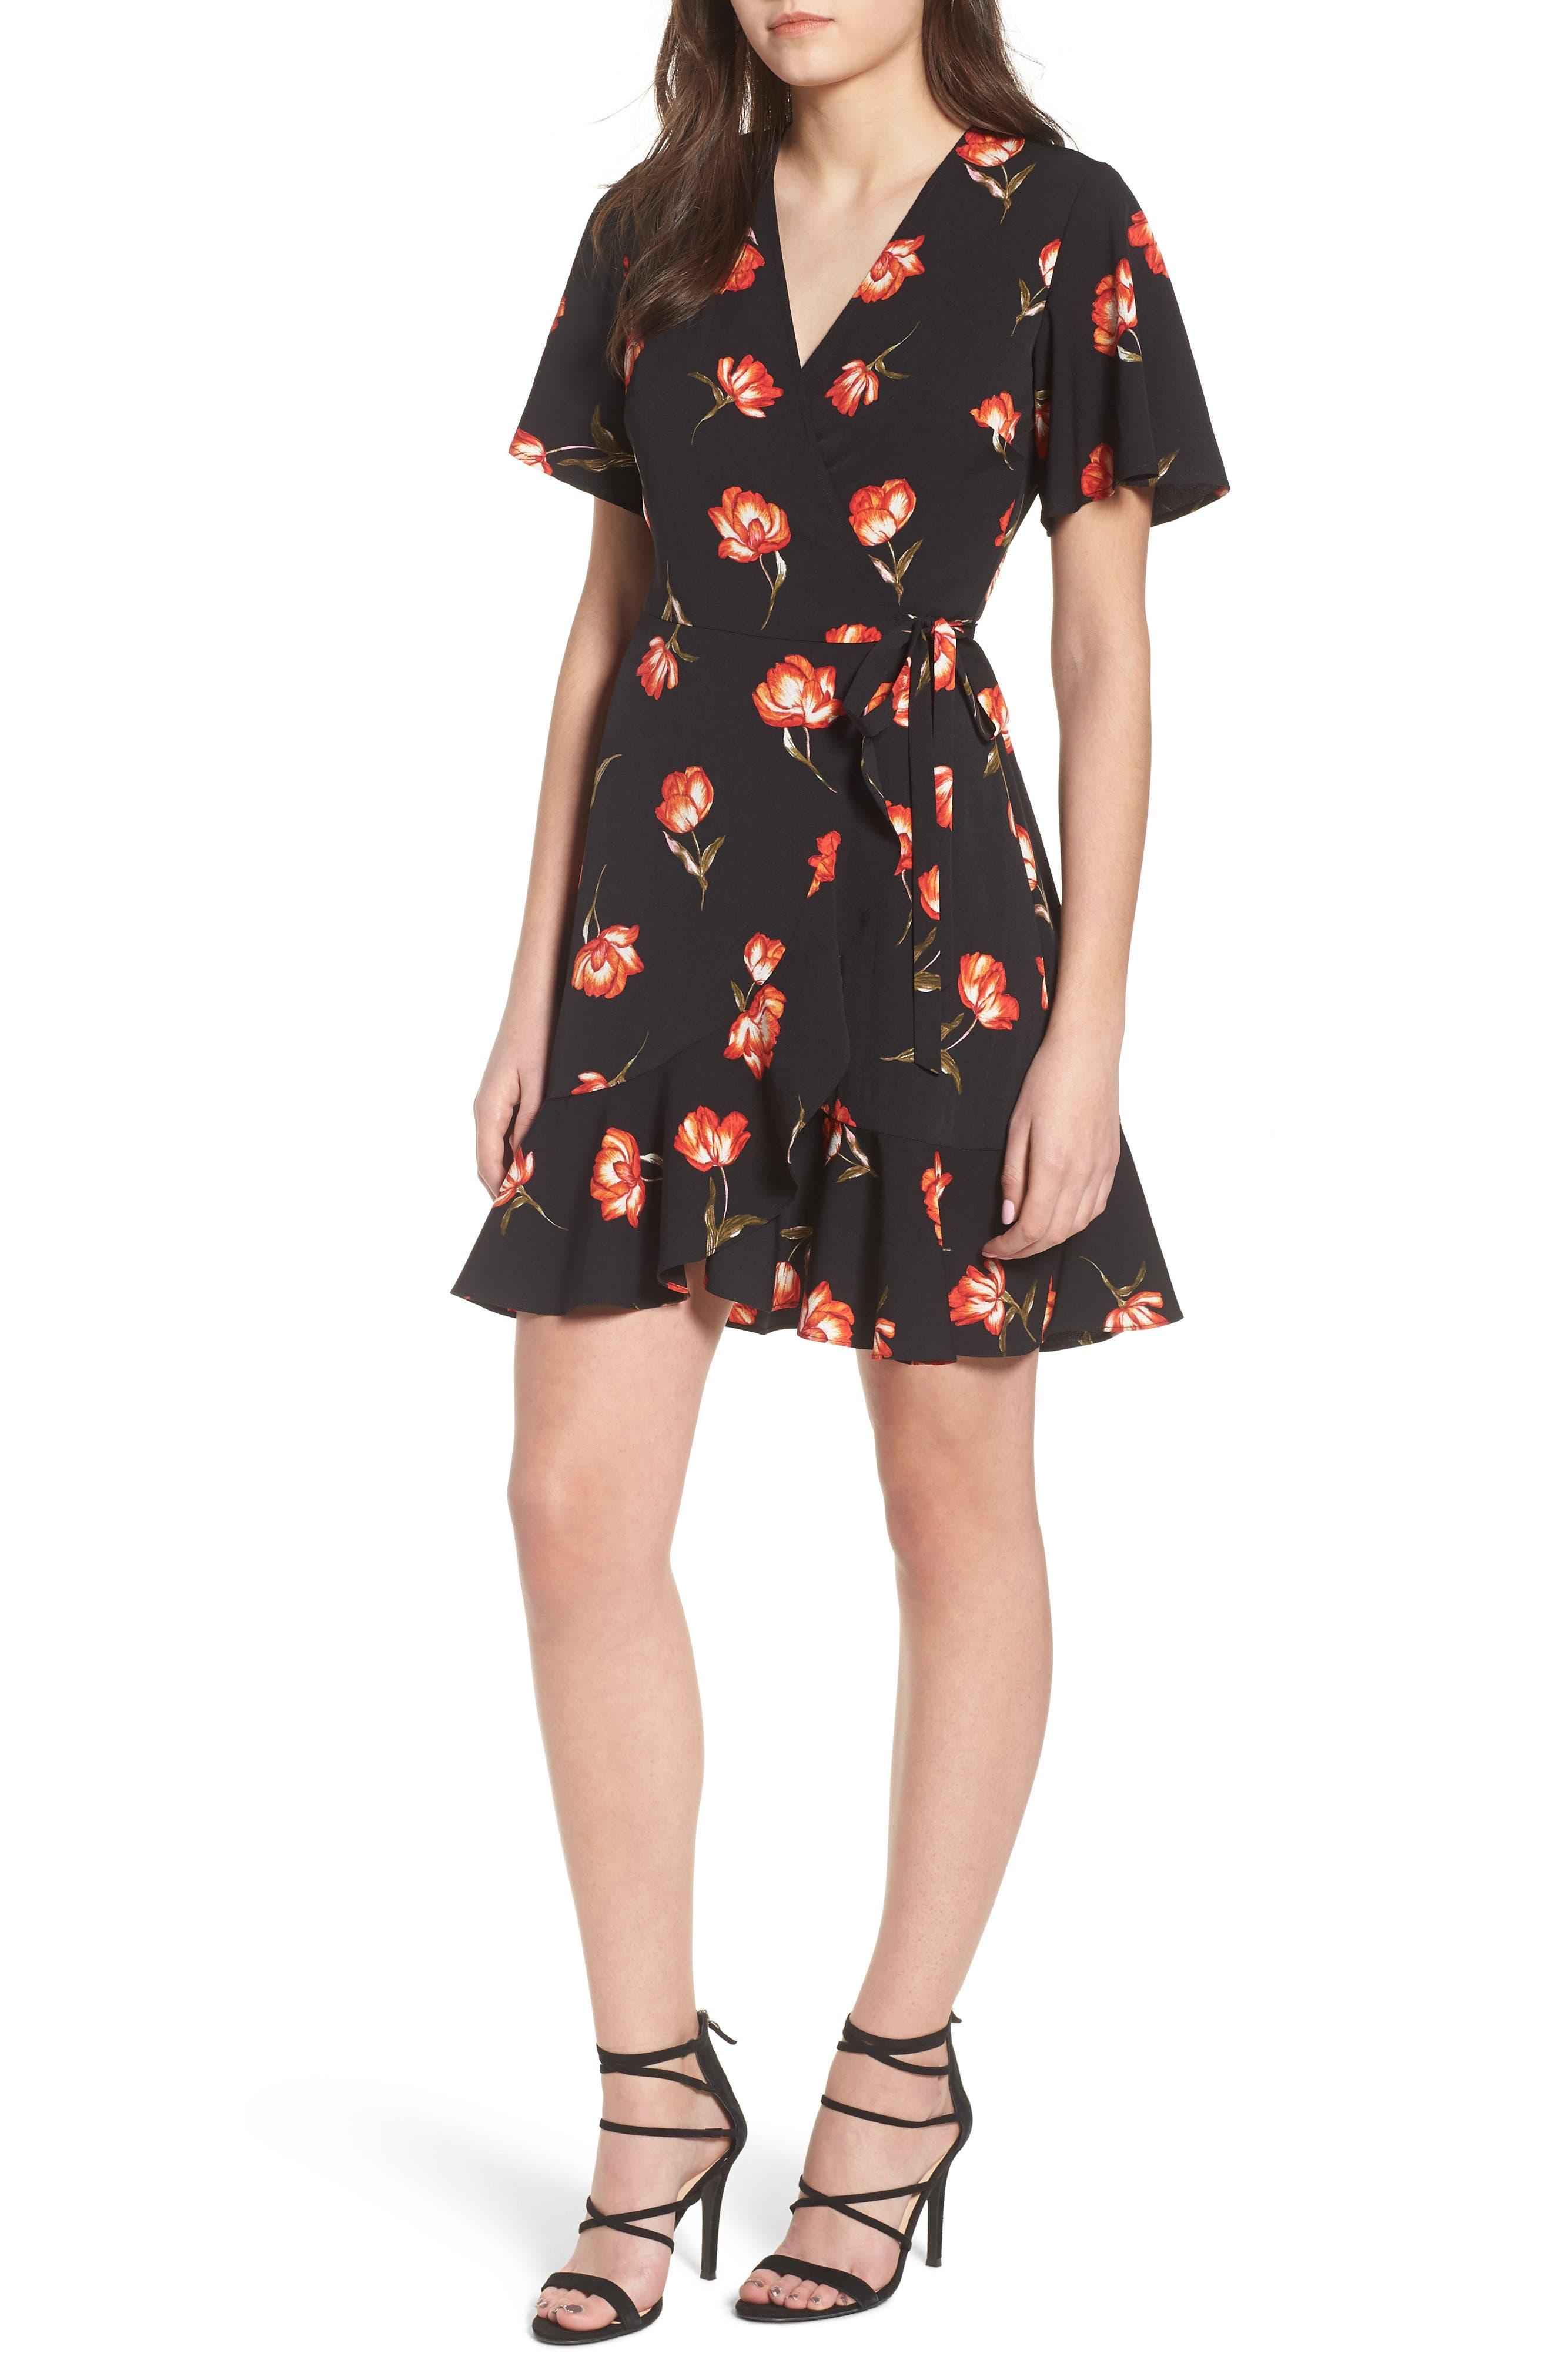 Lucy Floral Wrap Dress,                             Main thumbnail 1, color,                             Black Floral